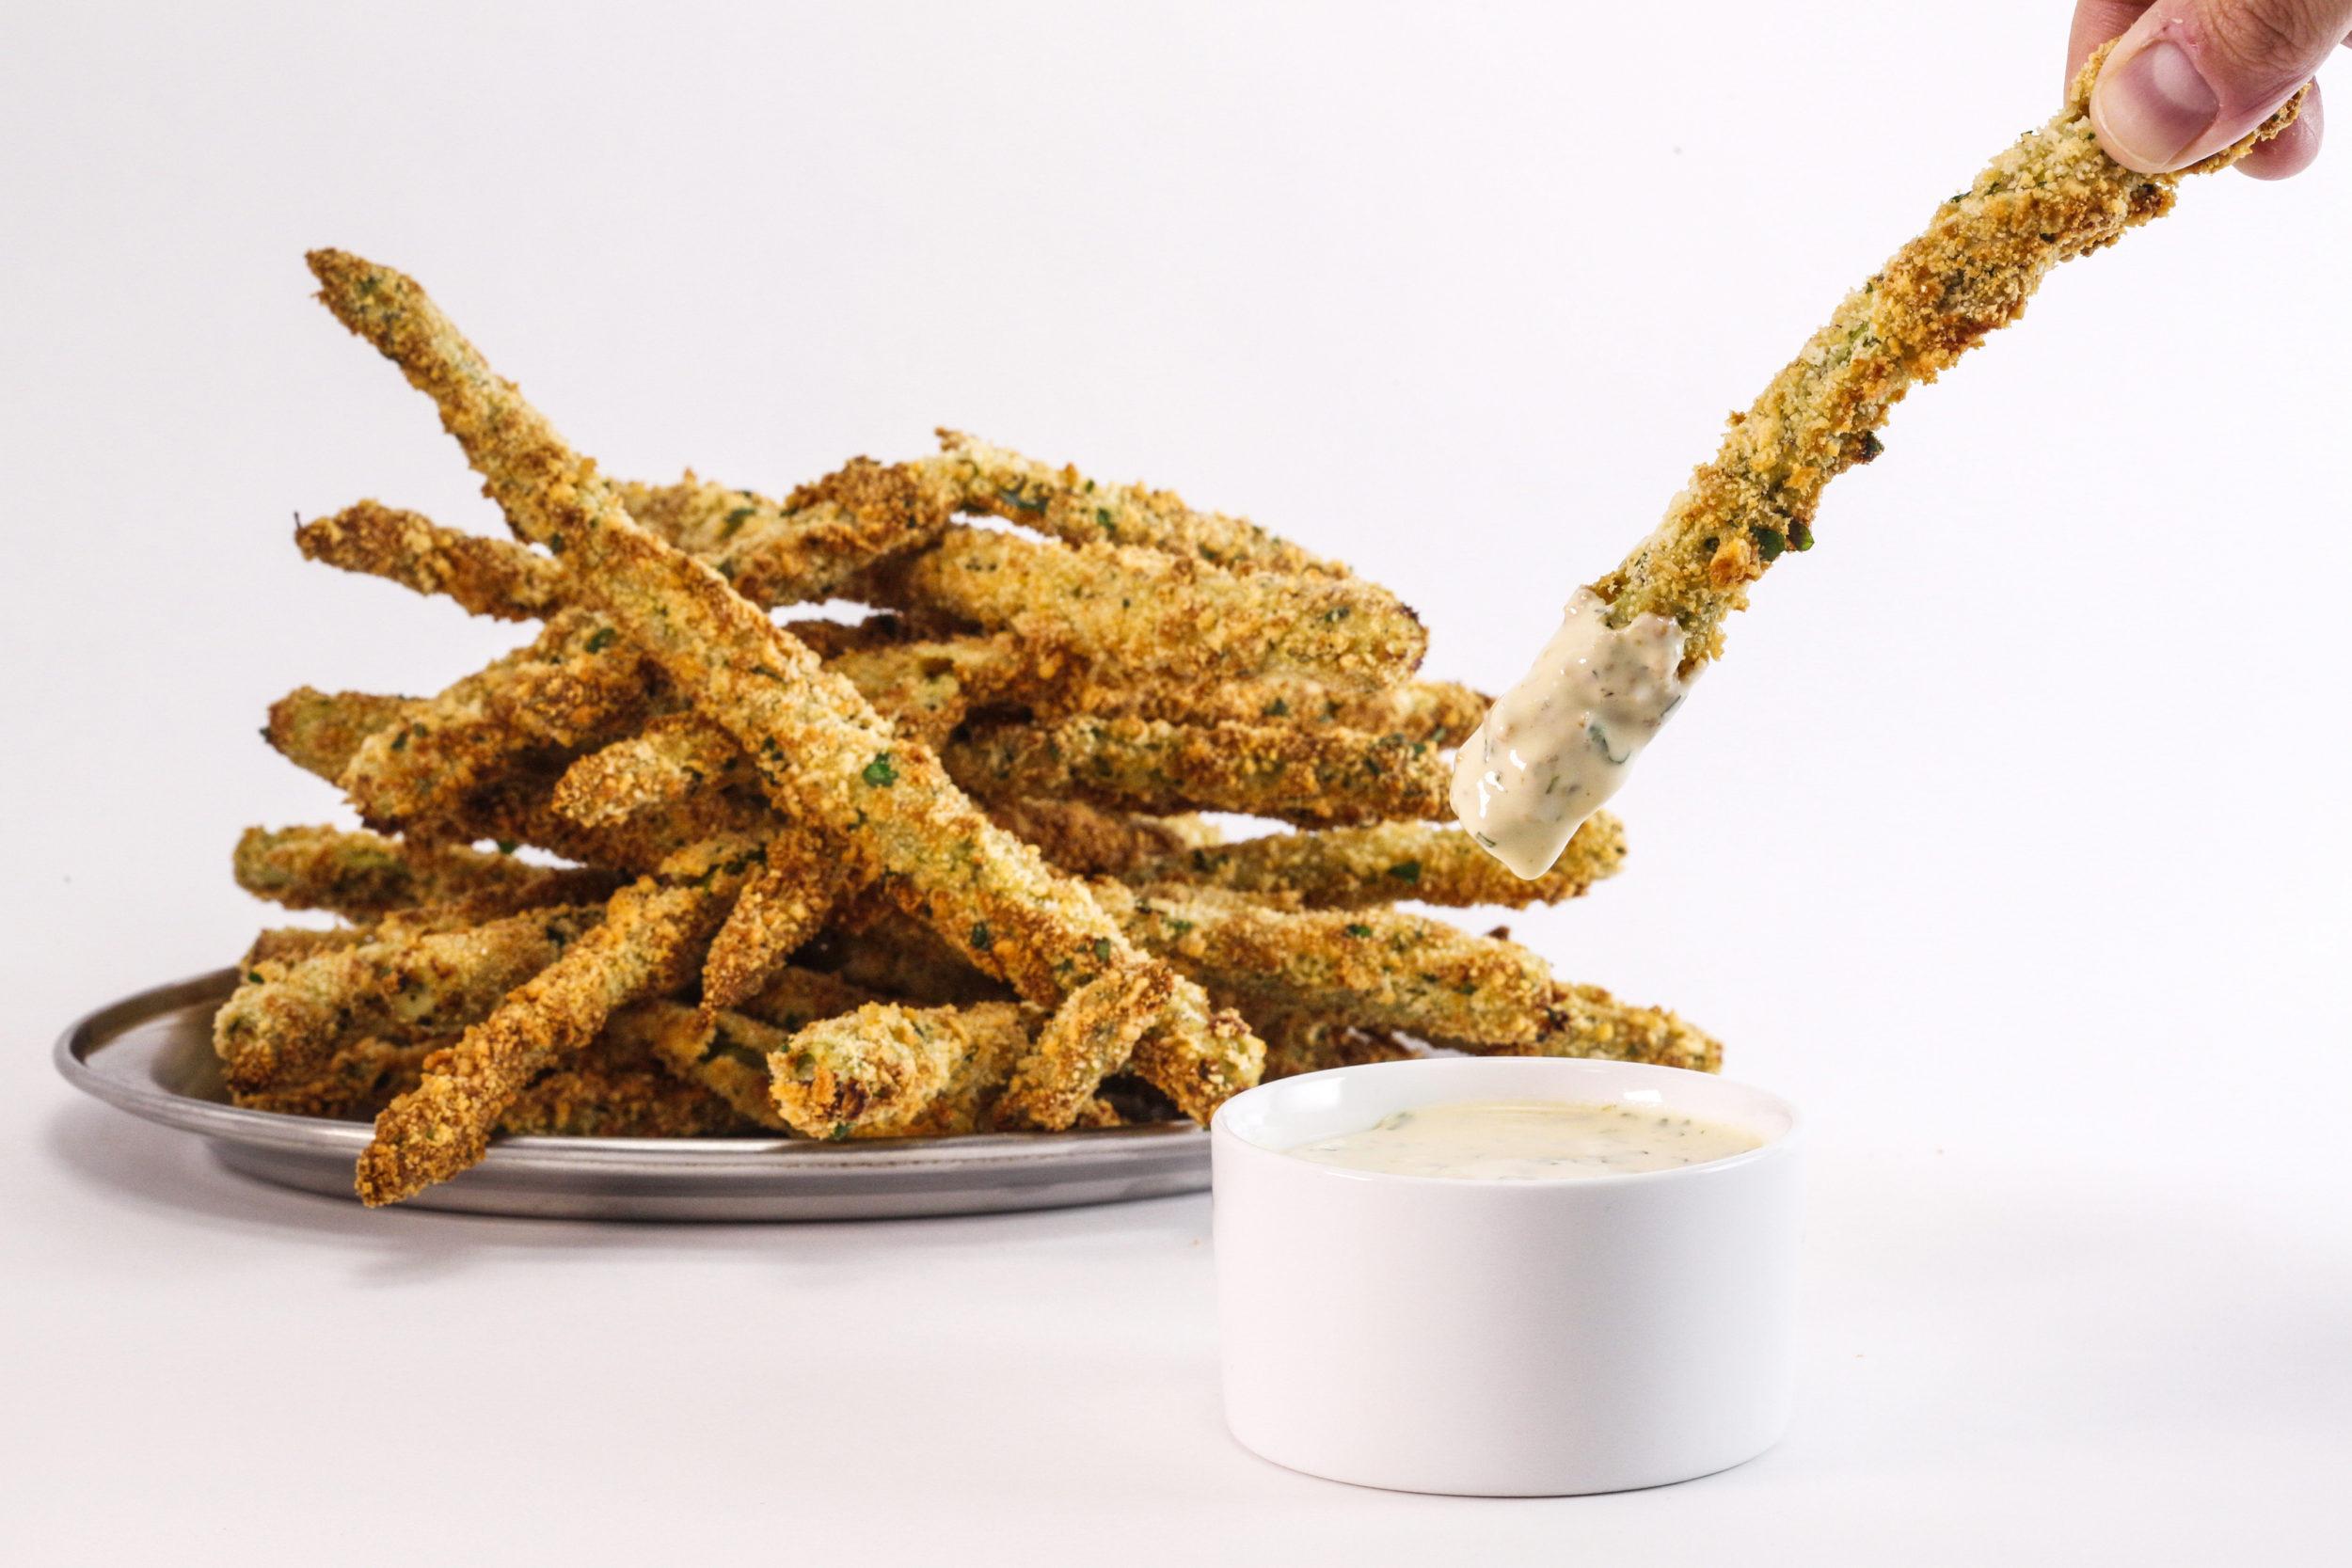 Rachael's Oven Fried Asparagus